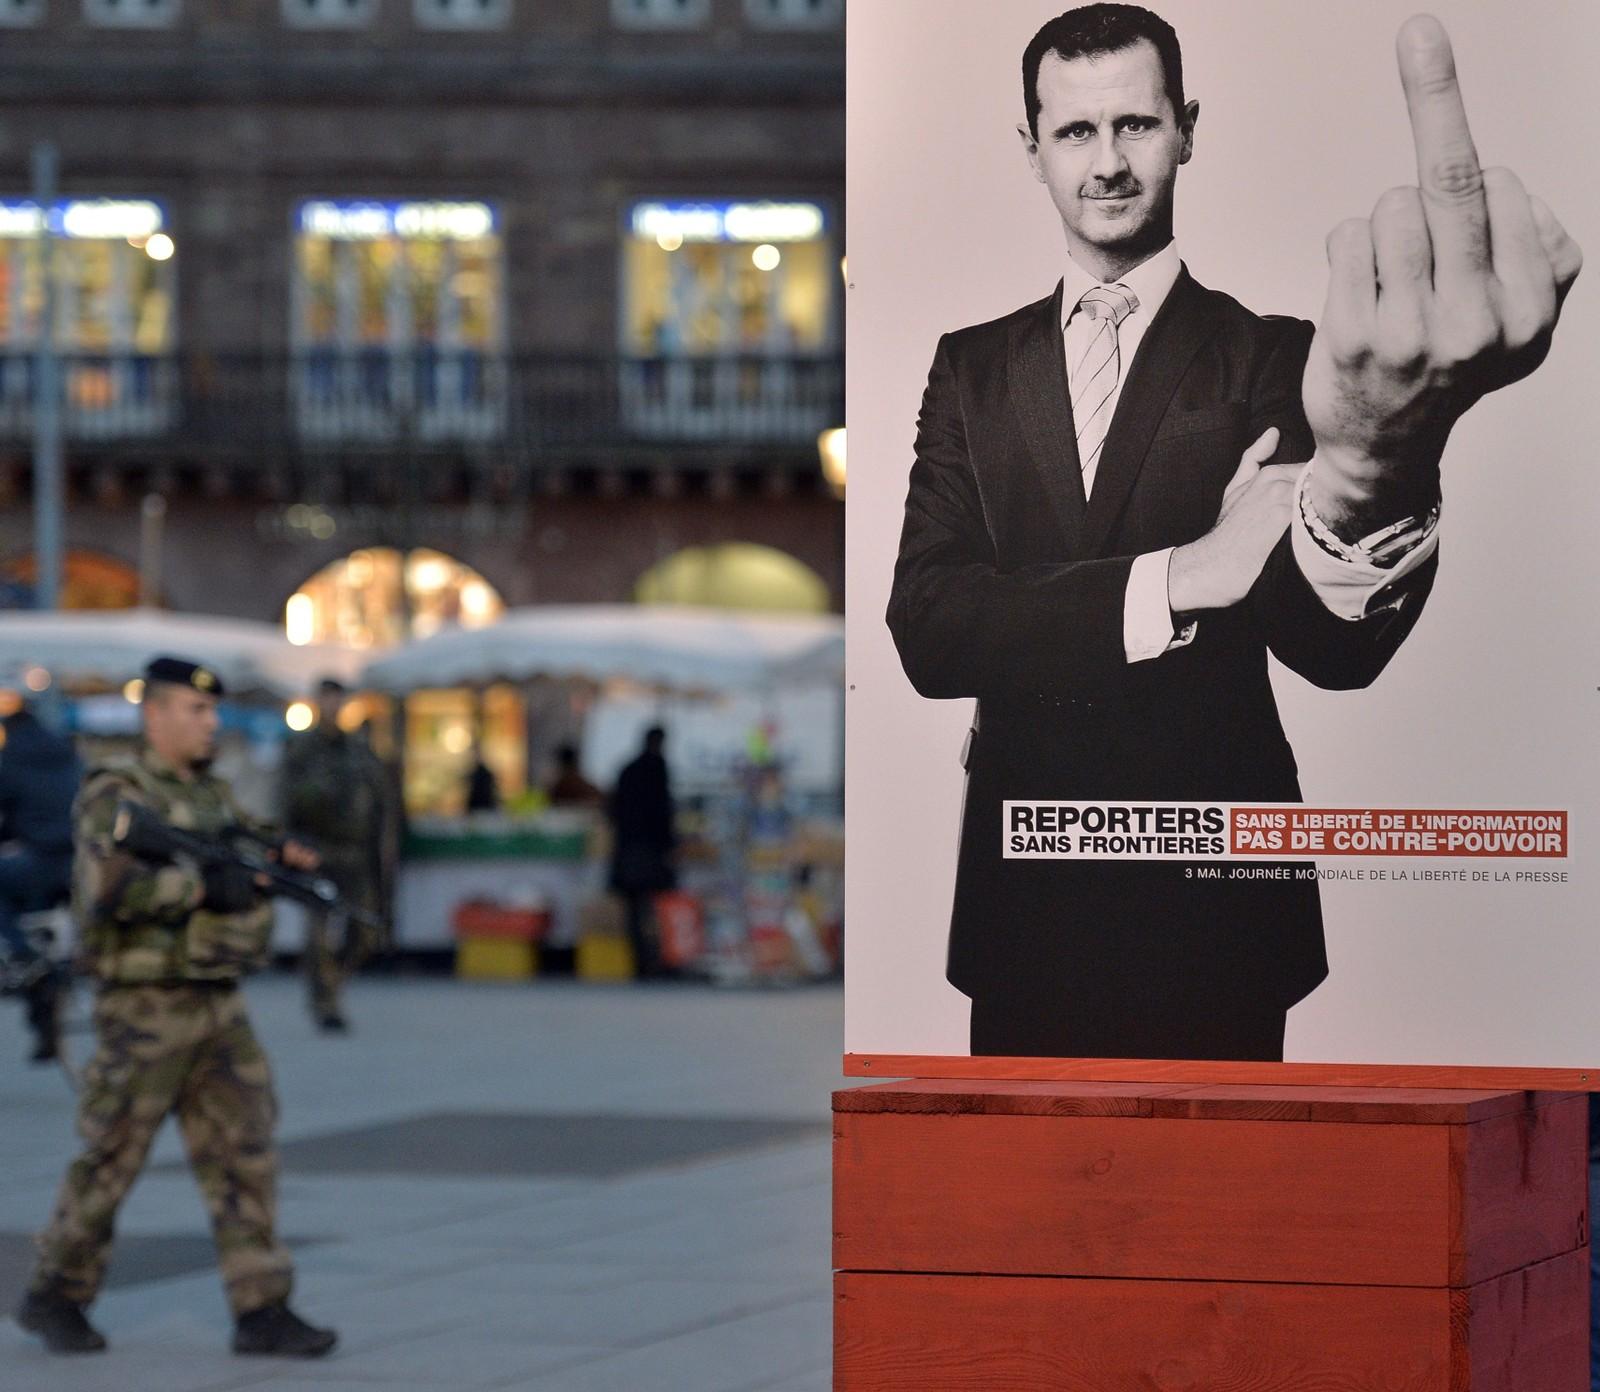 En fransk soldat passerer en plakat av Syrias president Bashar al-Assad få dager etter terrorhandlingene i Paris. Plakatene er signert organisasjonen Reporters sans frontières (reportere uten grenser), og viser 39 ulike motiver av statsledere de anser som fiender av ytringsfriheten.